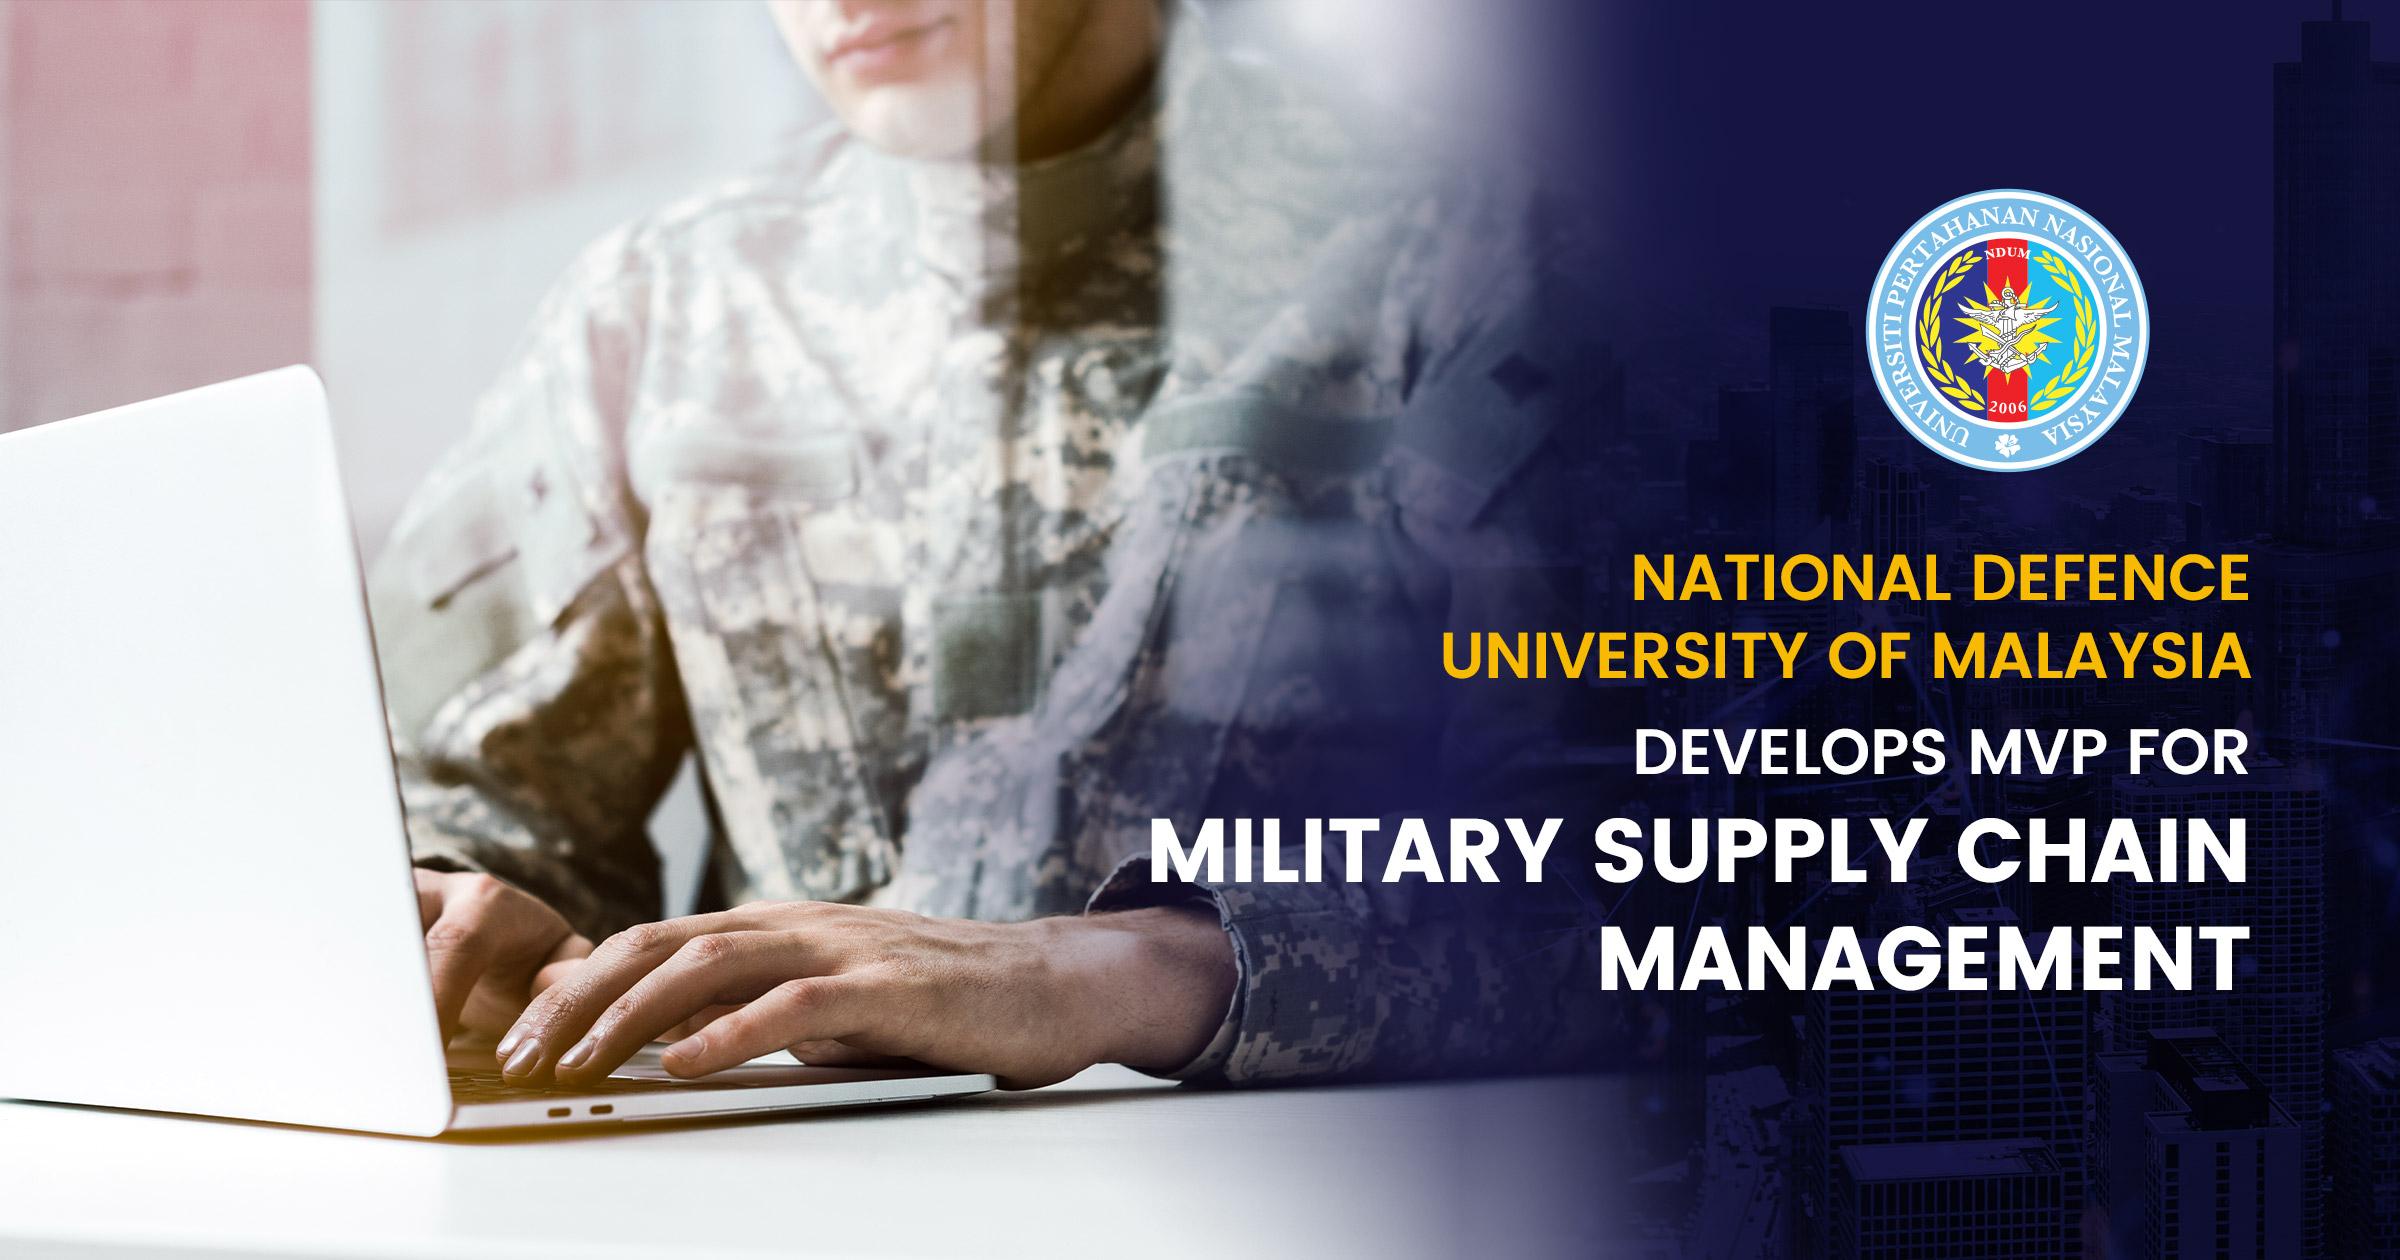 Национальный Университет Обороны Малайзии Разрабатывает Минимальный Жизнеспособный Продукт (MVP) для Цепочек Поставок в Сфере Вооруженных Сил.